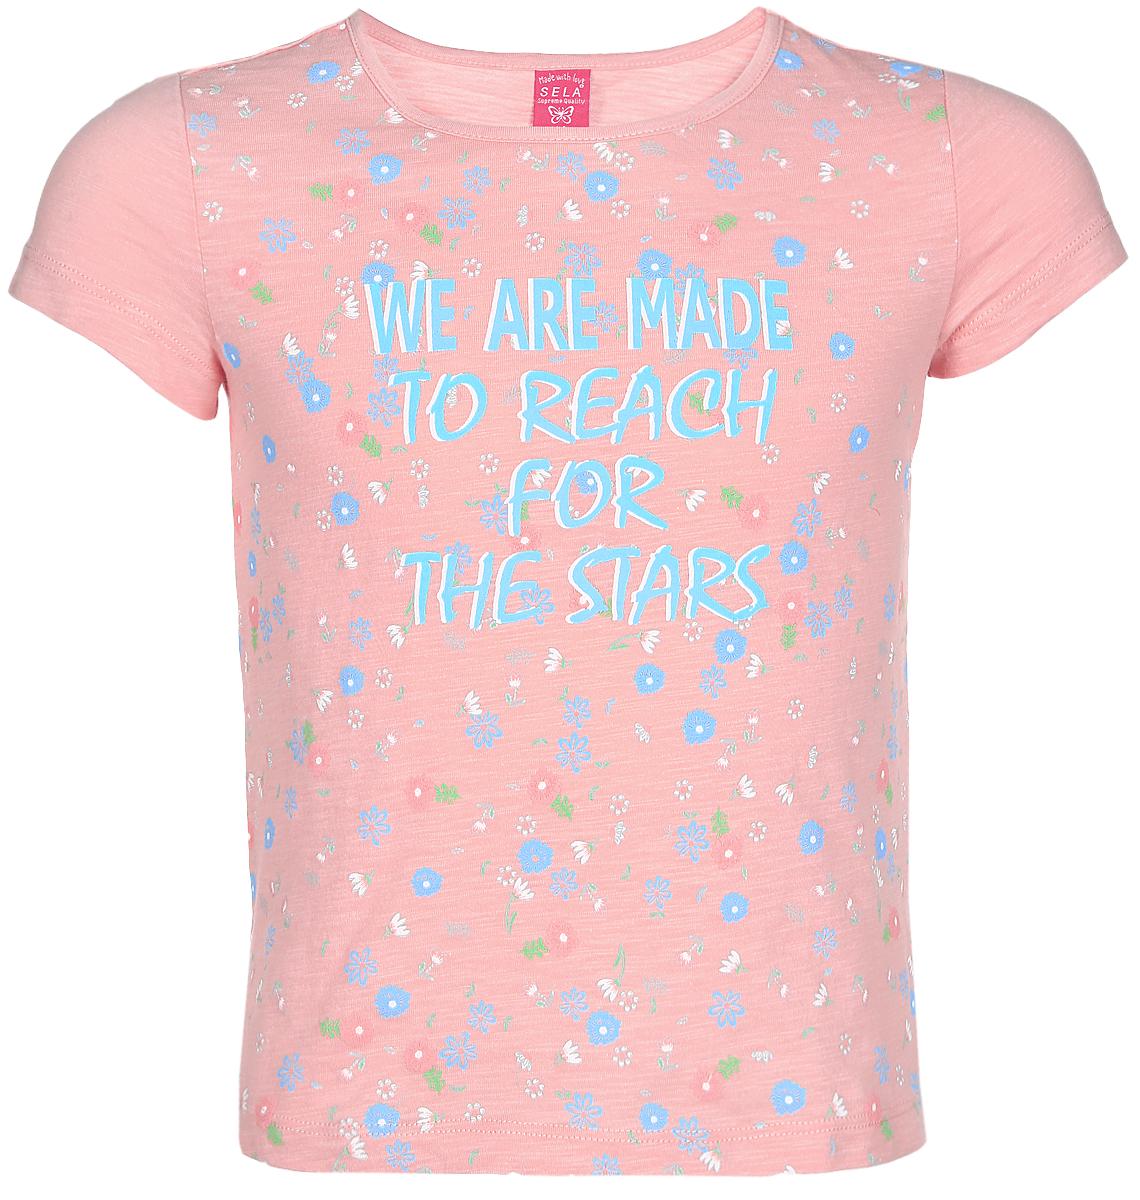 Футболка для девочки Sela, цвет: персиковый. Ts-611/625-7151. Размер 146, 11 летTs-611/625-7151Футболка для девочки Sela изготовлена из высококачественного натурального хлопка. Модель с короткими рукавами и круглым вырезом горловины украшена ярким цветочным принтом и надписью We Are Made To Reach For The Stars.